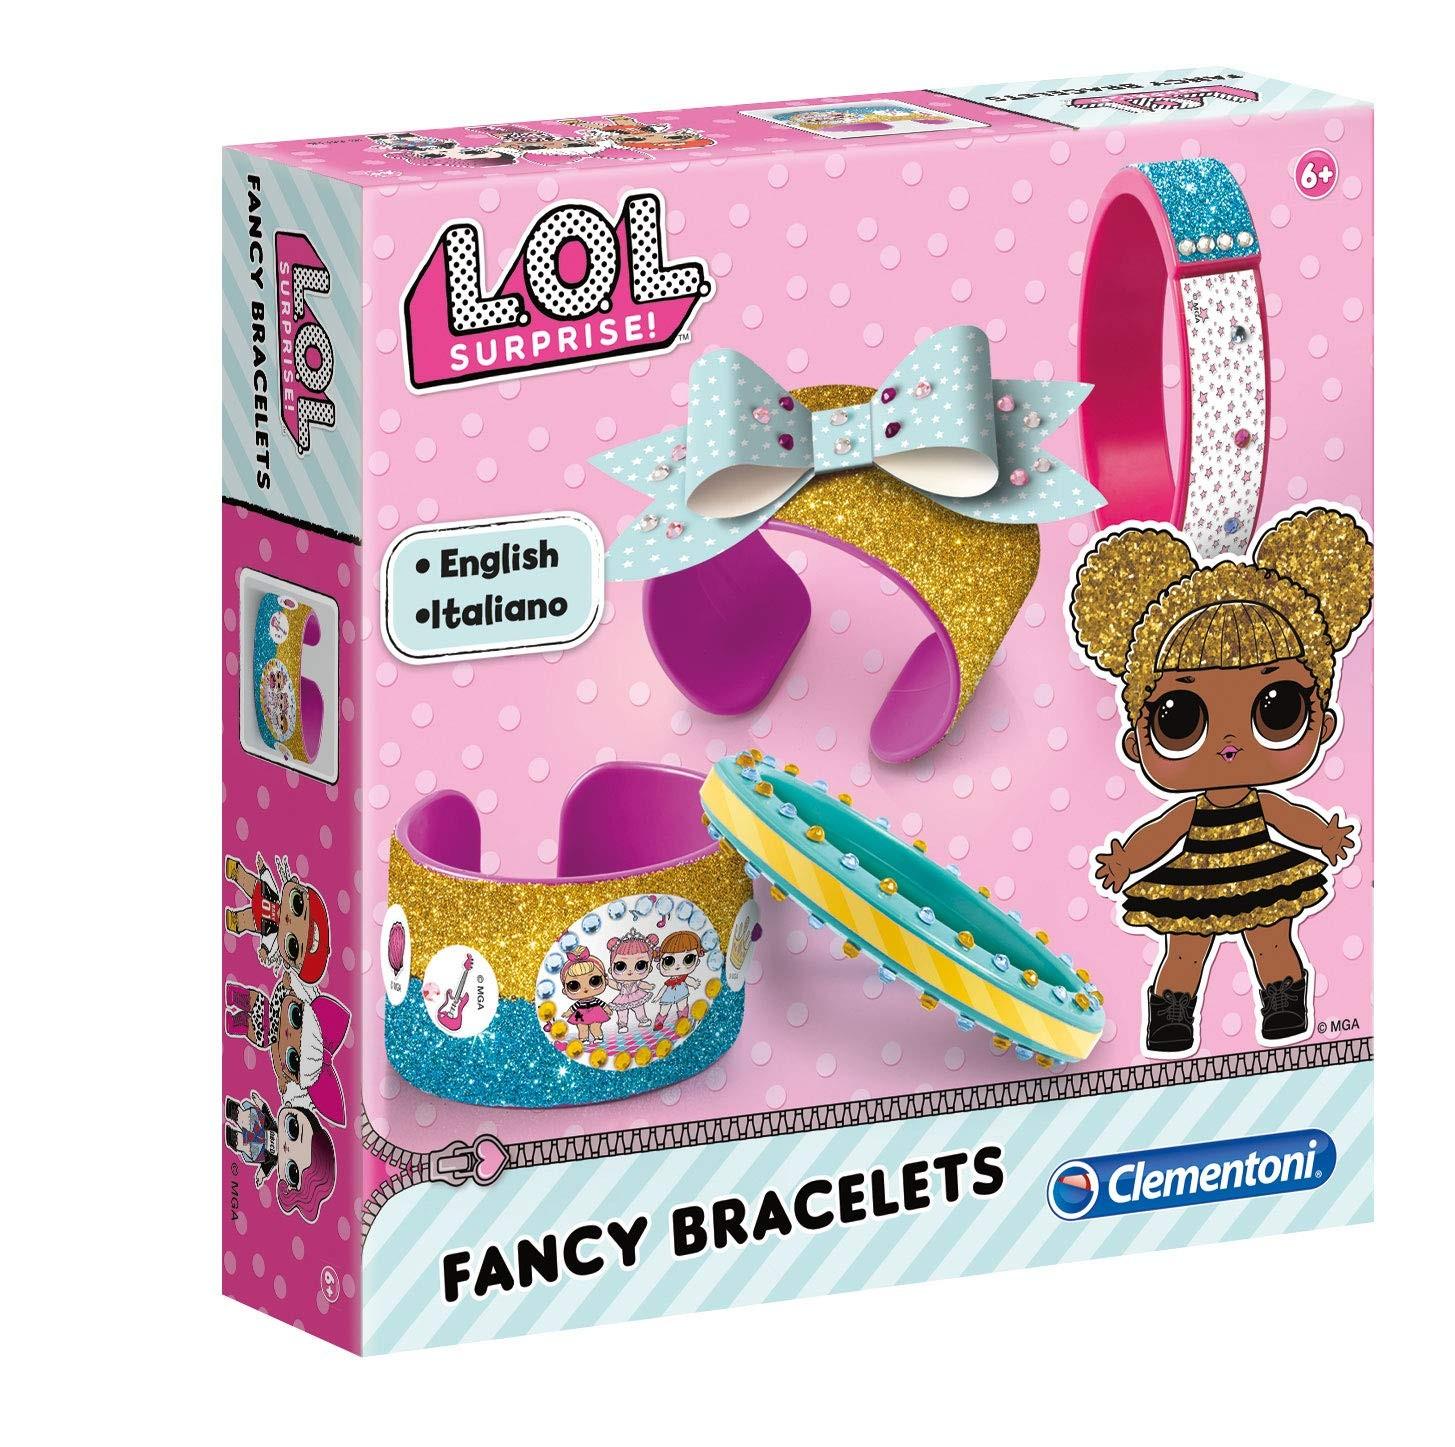 LOL - Fancy Bracelets Clementoni